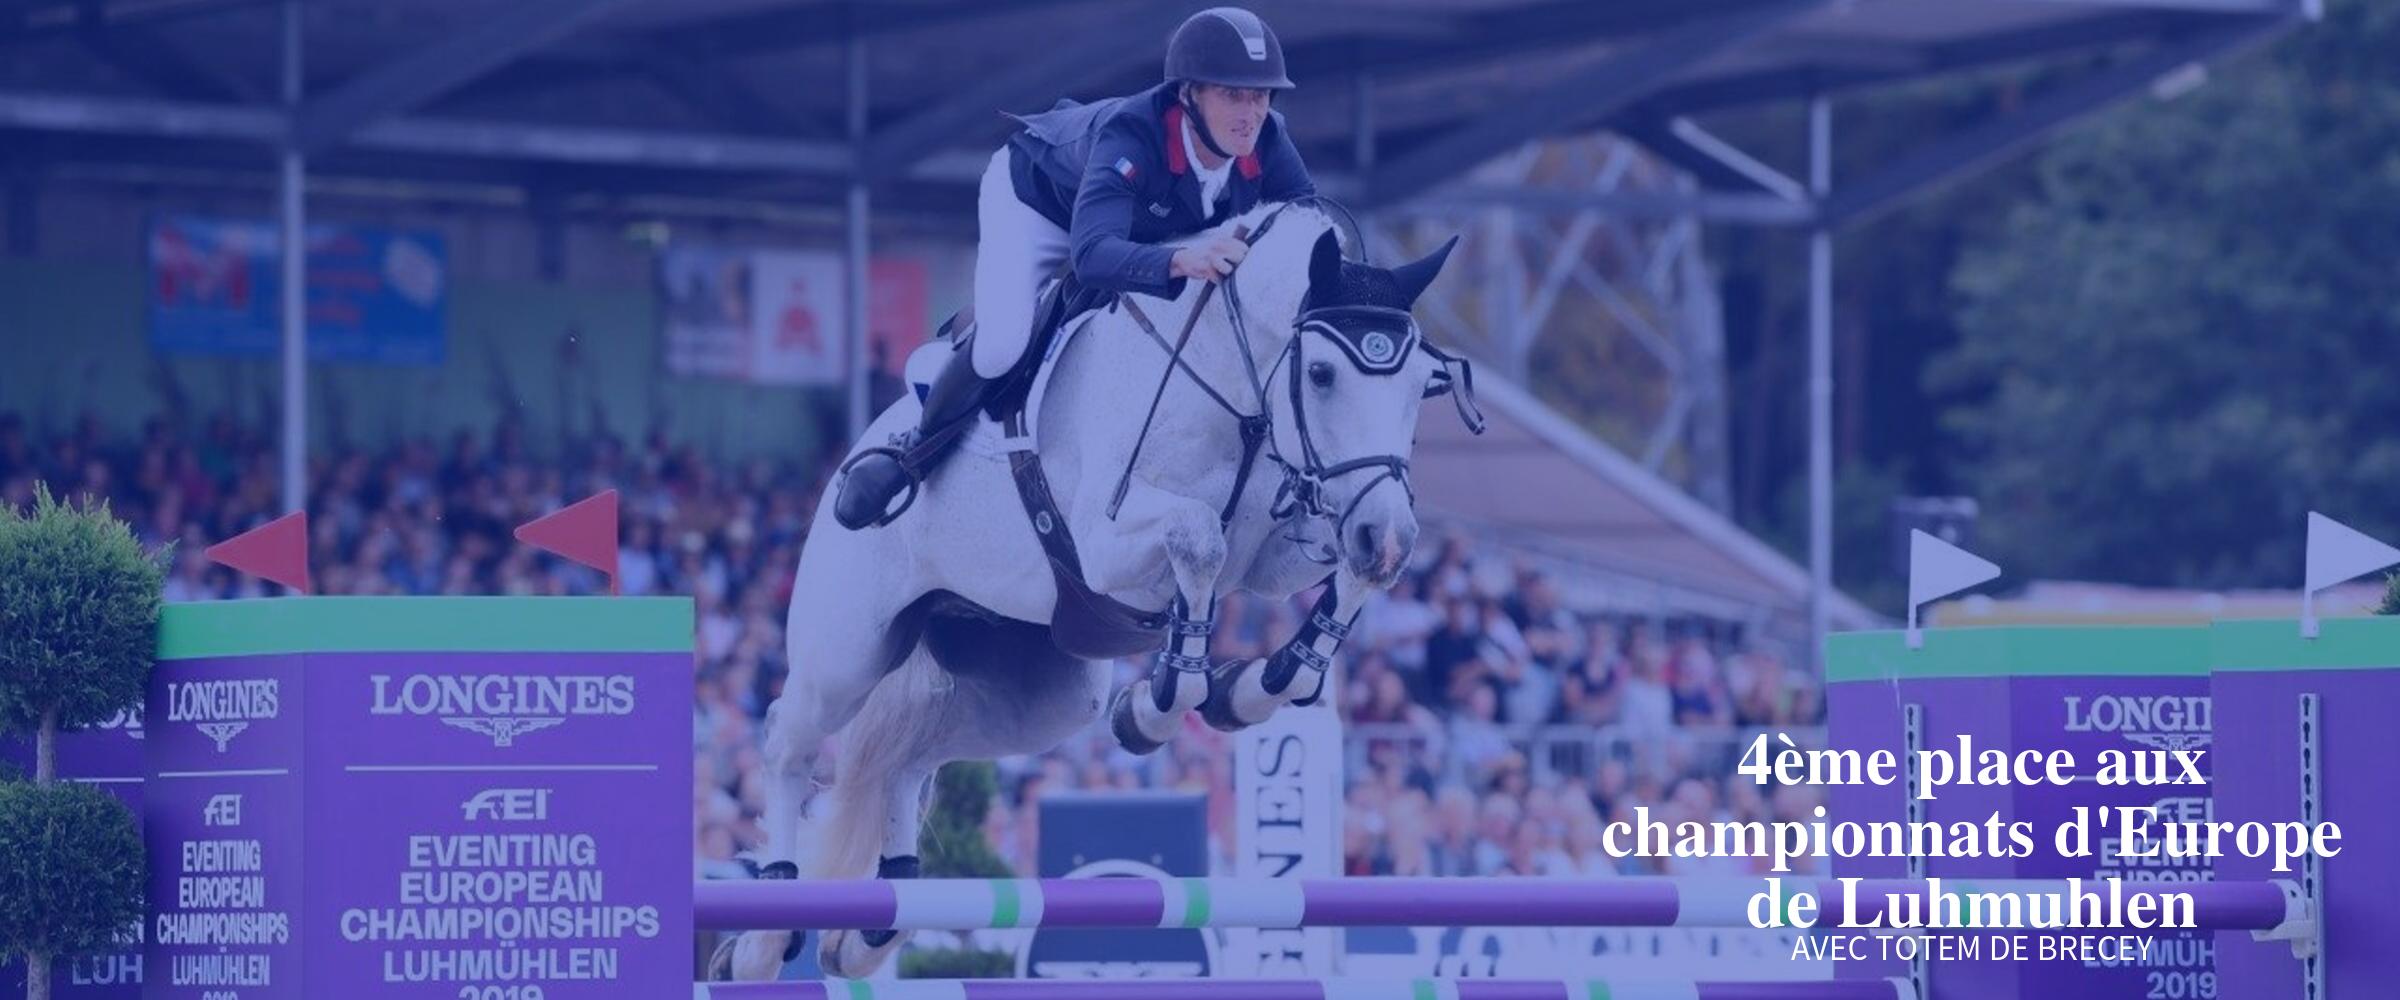 Christopher-six-ecurie-de-la-cendriniere-cavalier-de-concours-complet-international (4)